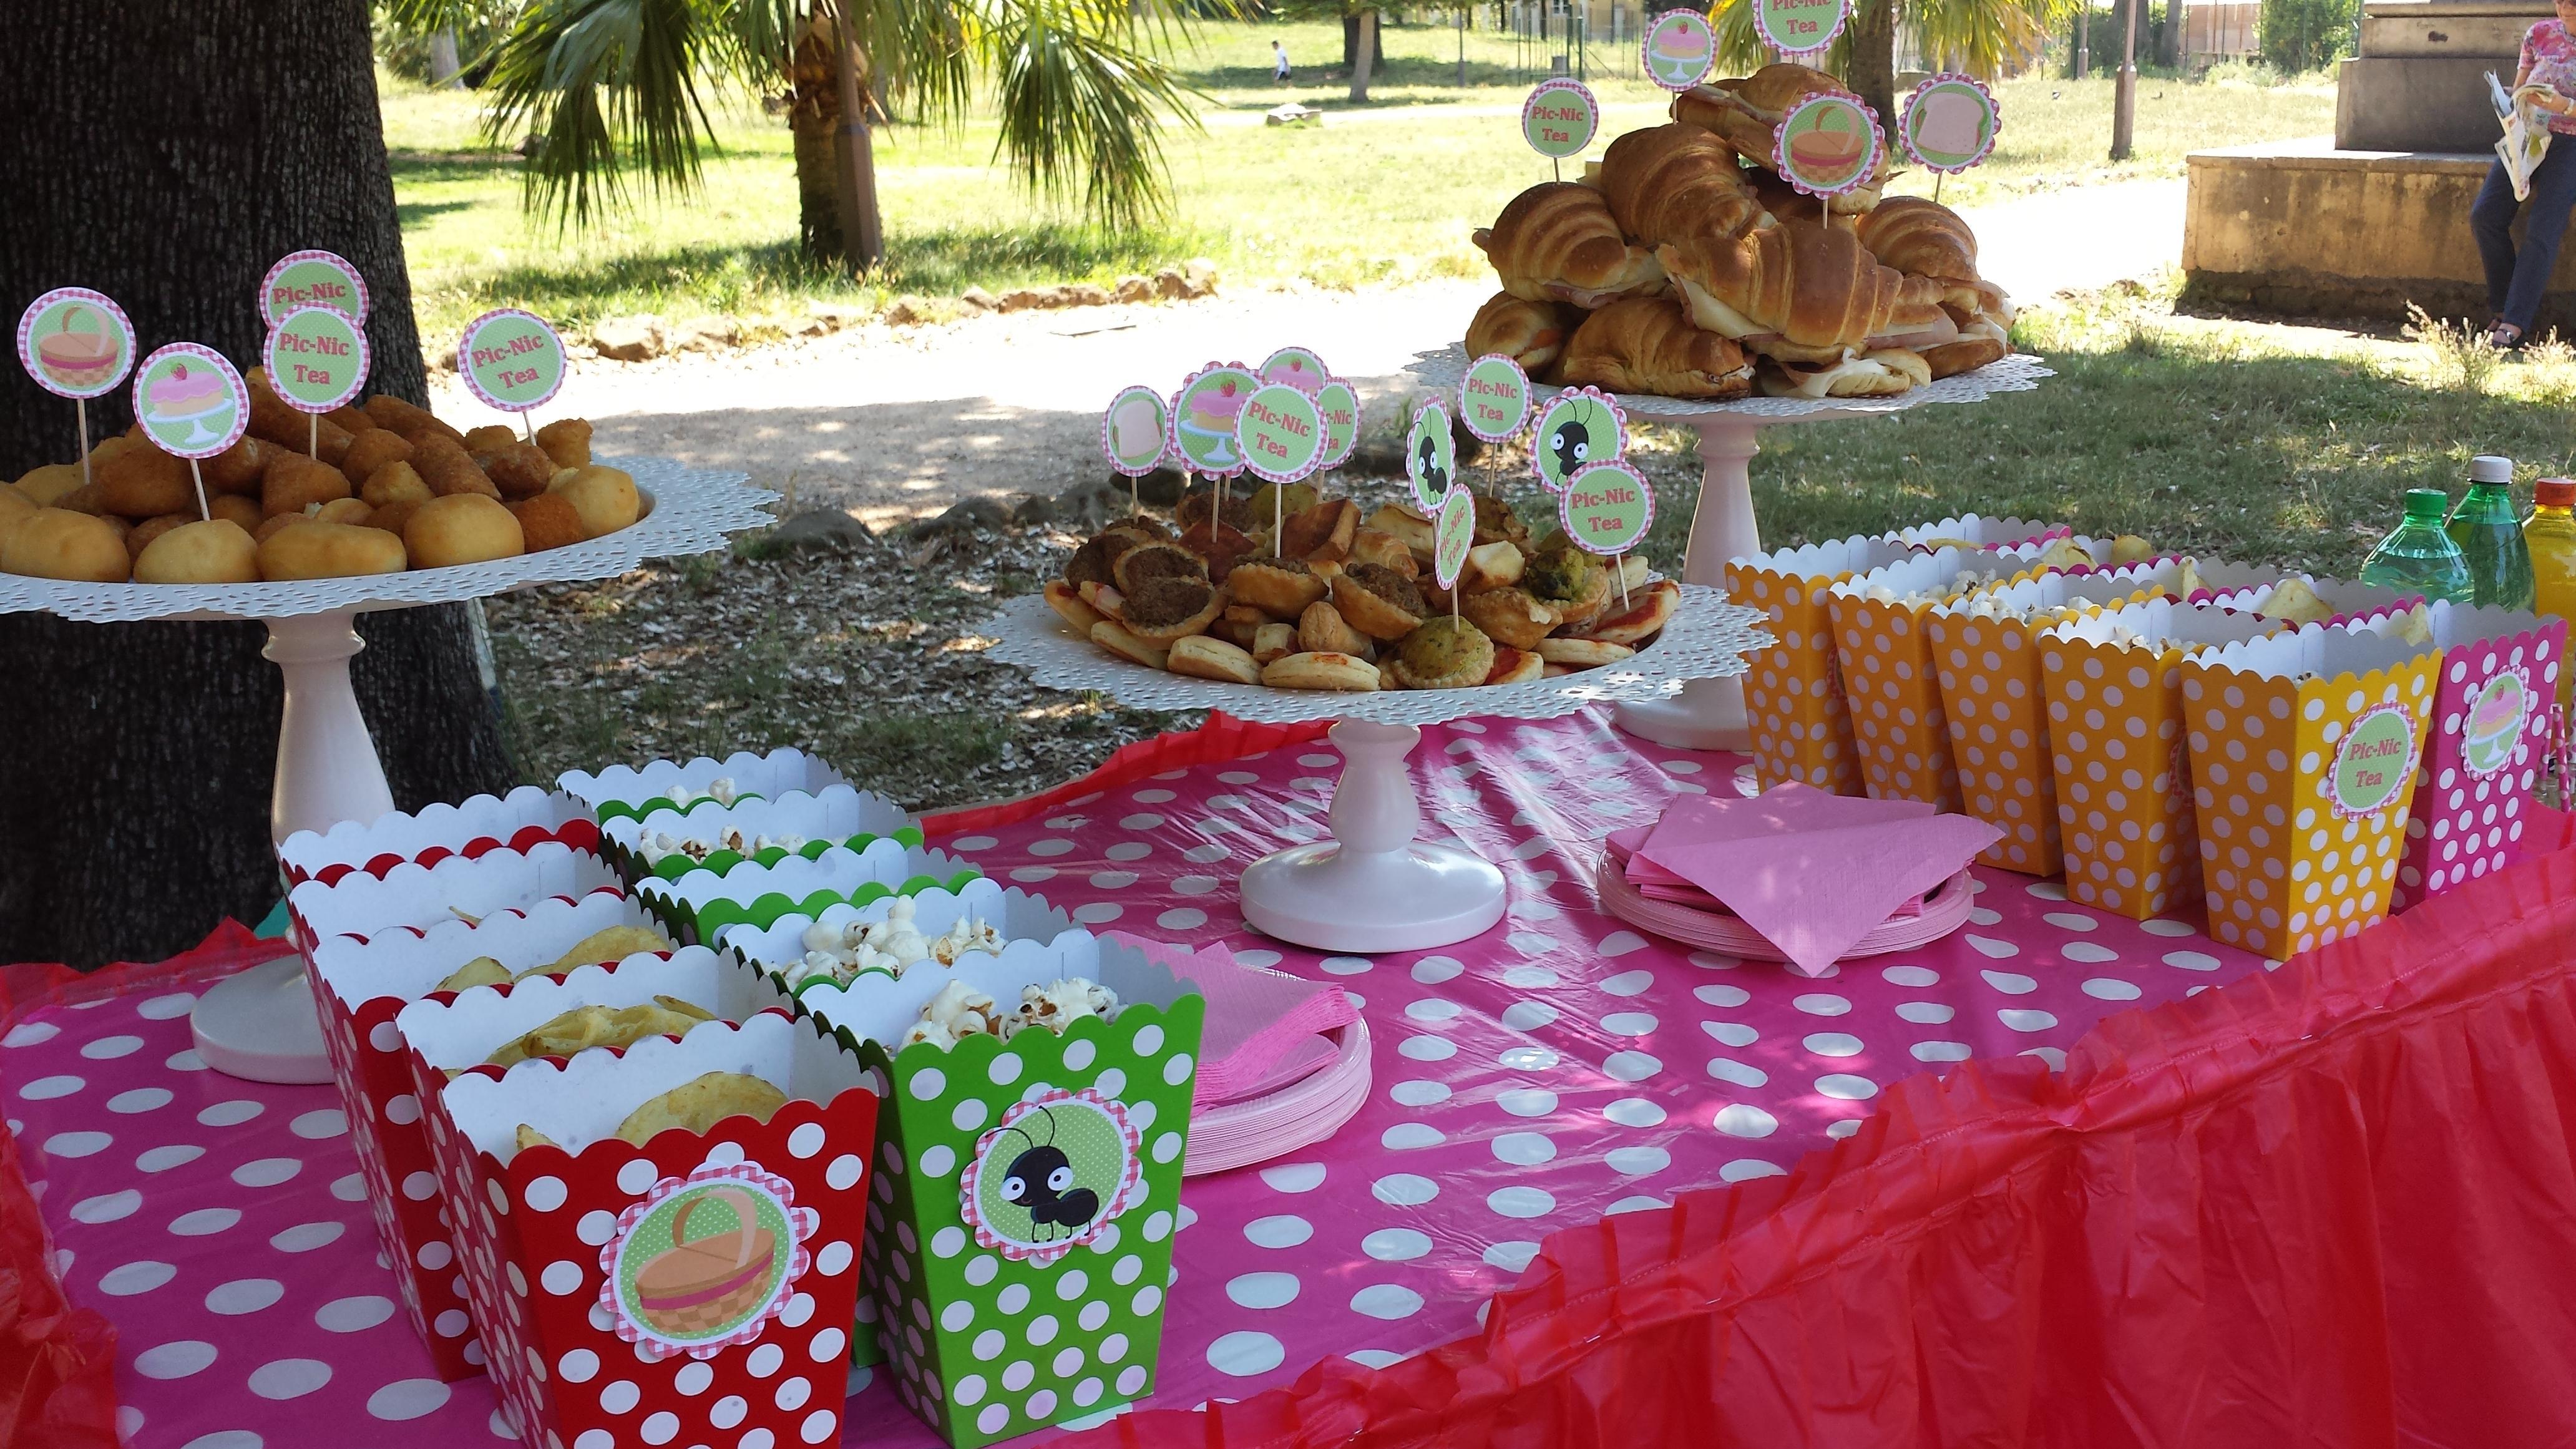 Célèbre Picnic Party, festa di compleanno sull'erba ⋆ Bolle Eventi  KX17